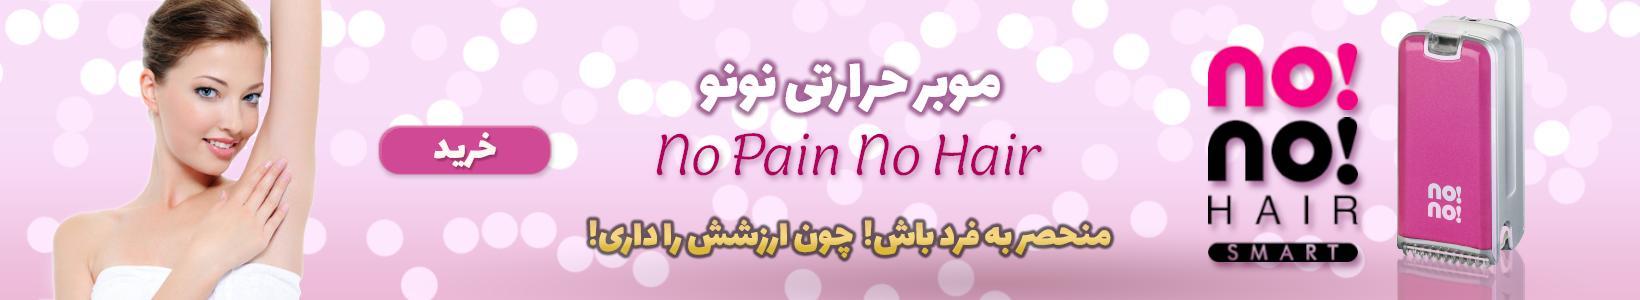 بدون درد اپیلاسیون دائم انجام بدیم